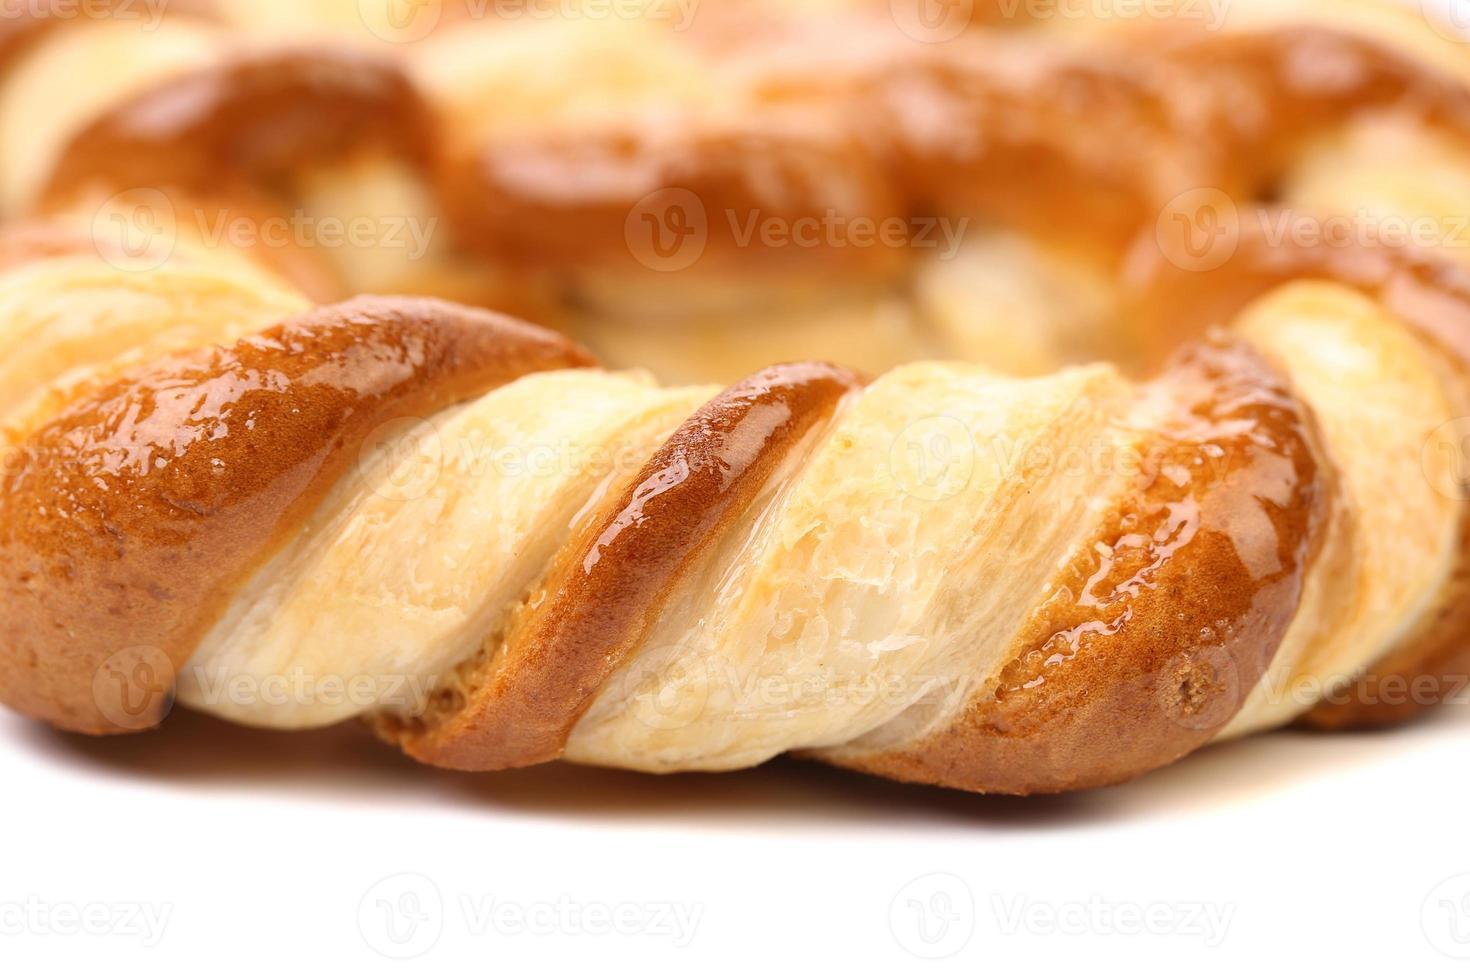 biscotti a forma di nodo su uno sfondo bianco foto